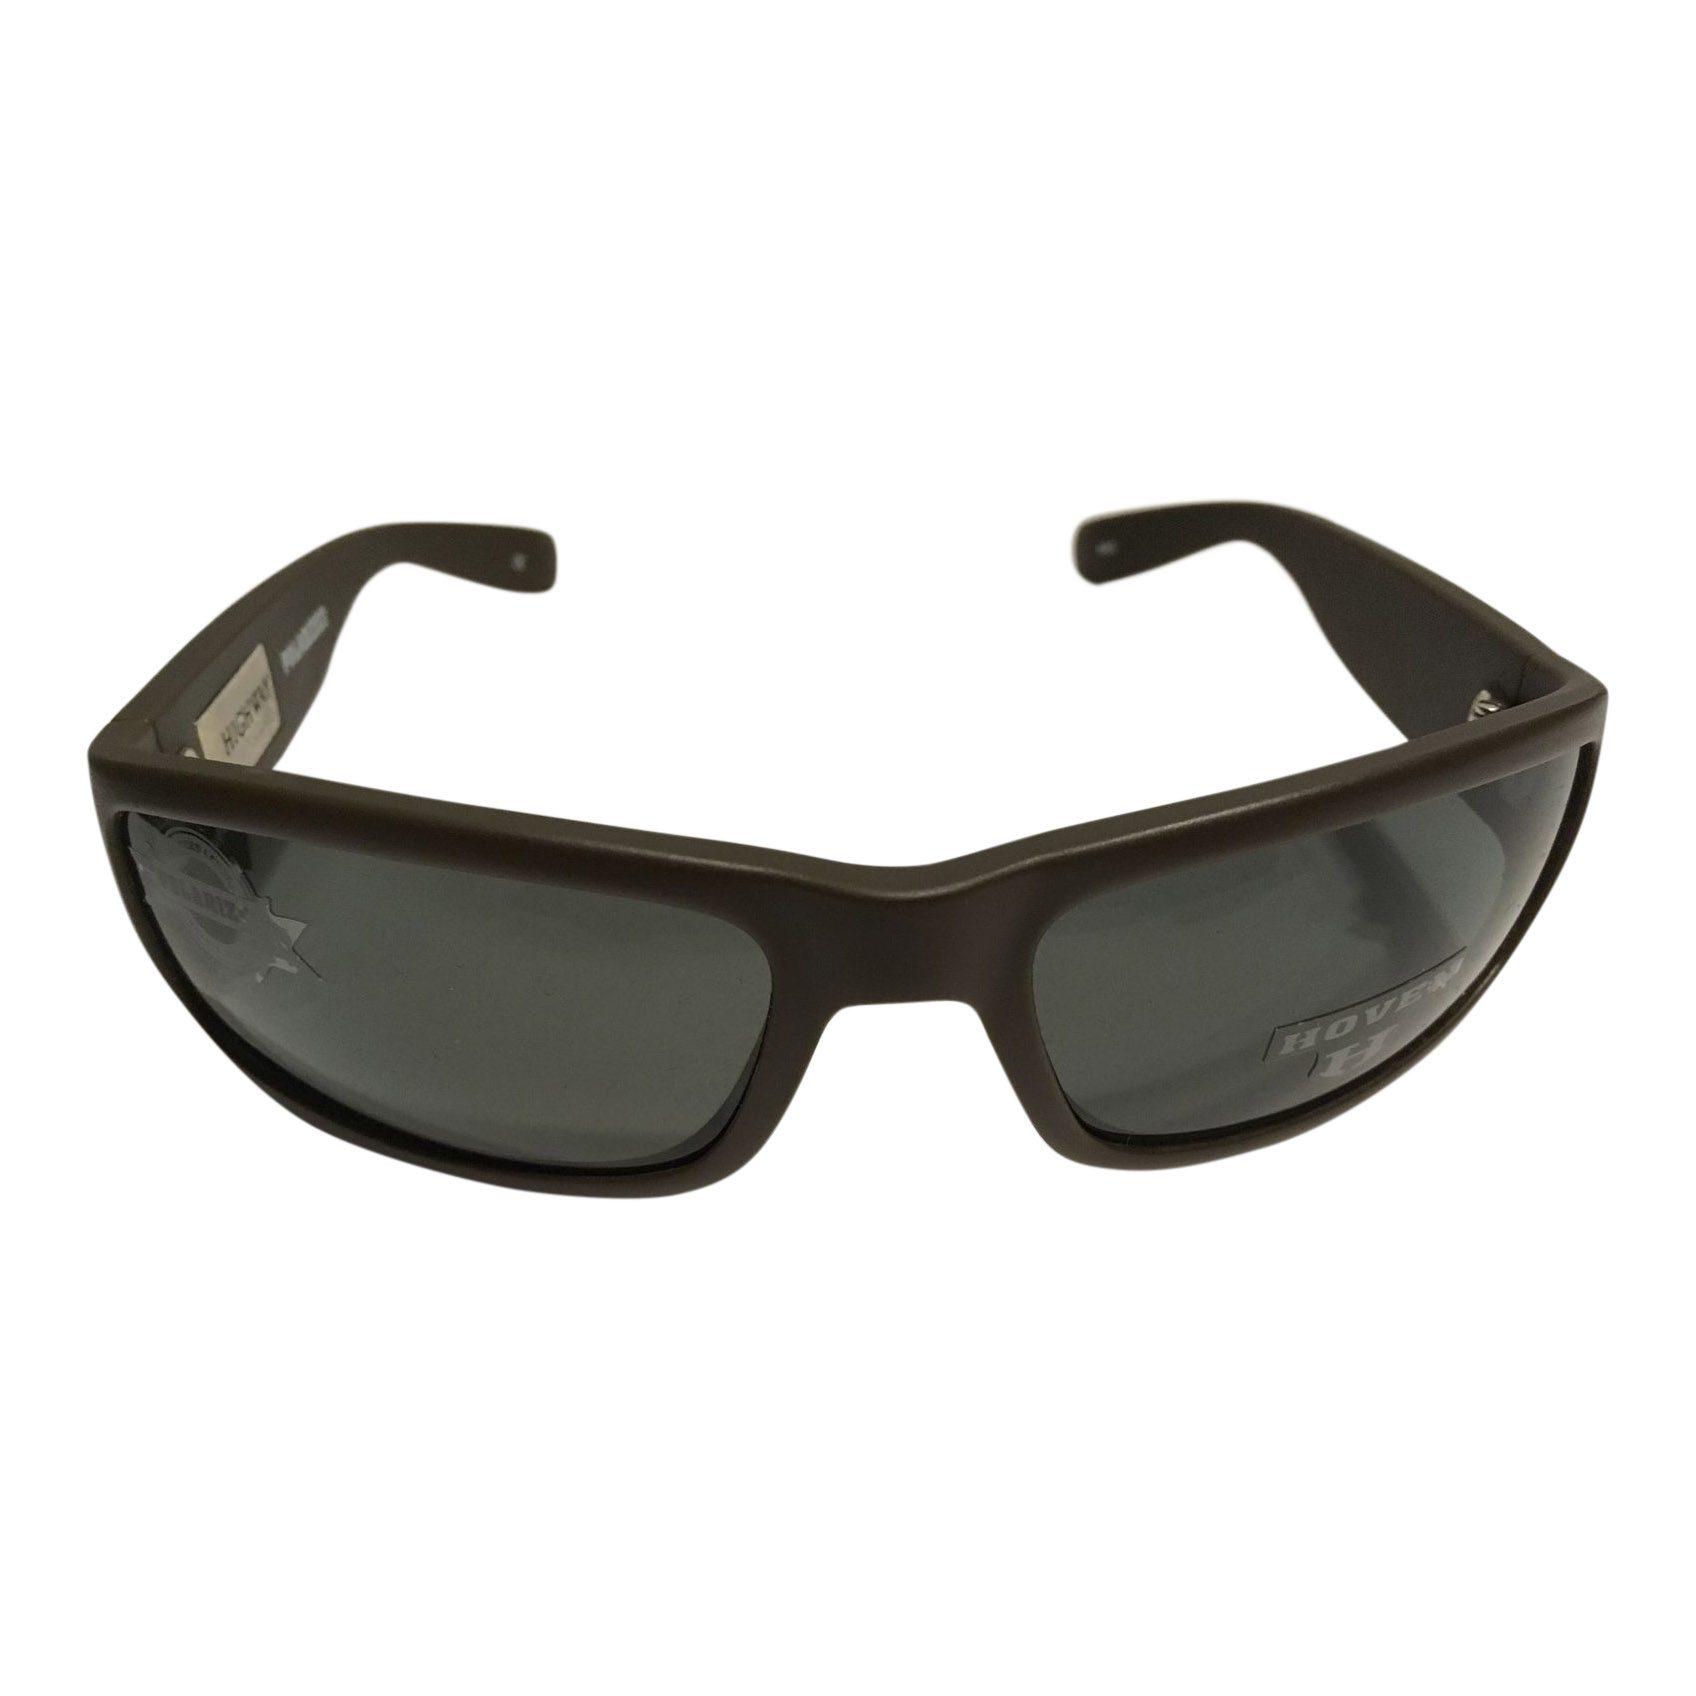 Универсальные очки New Vision в Химках